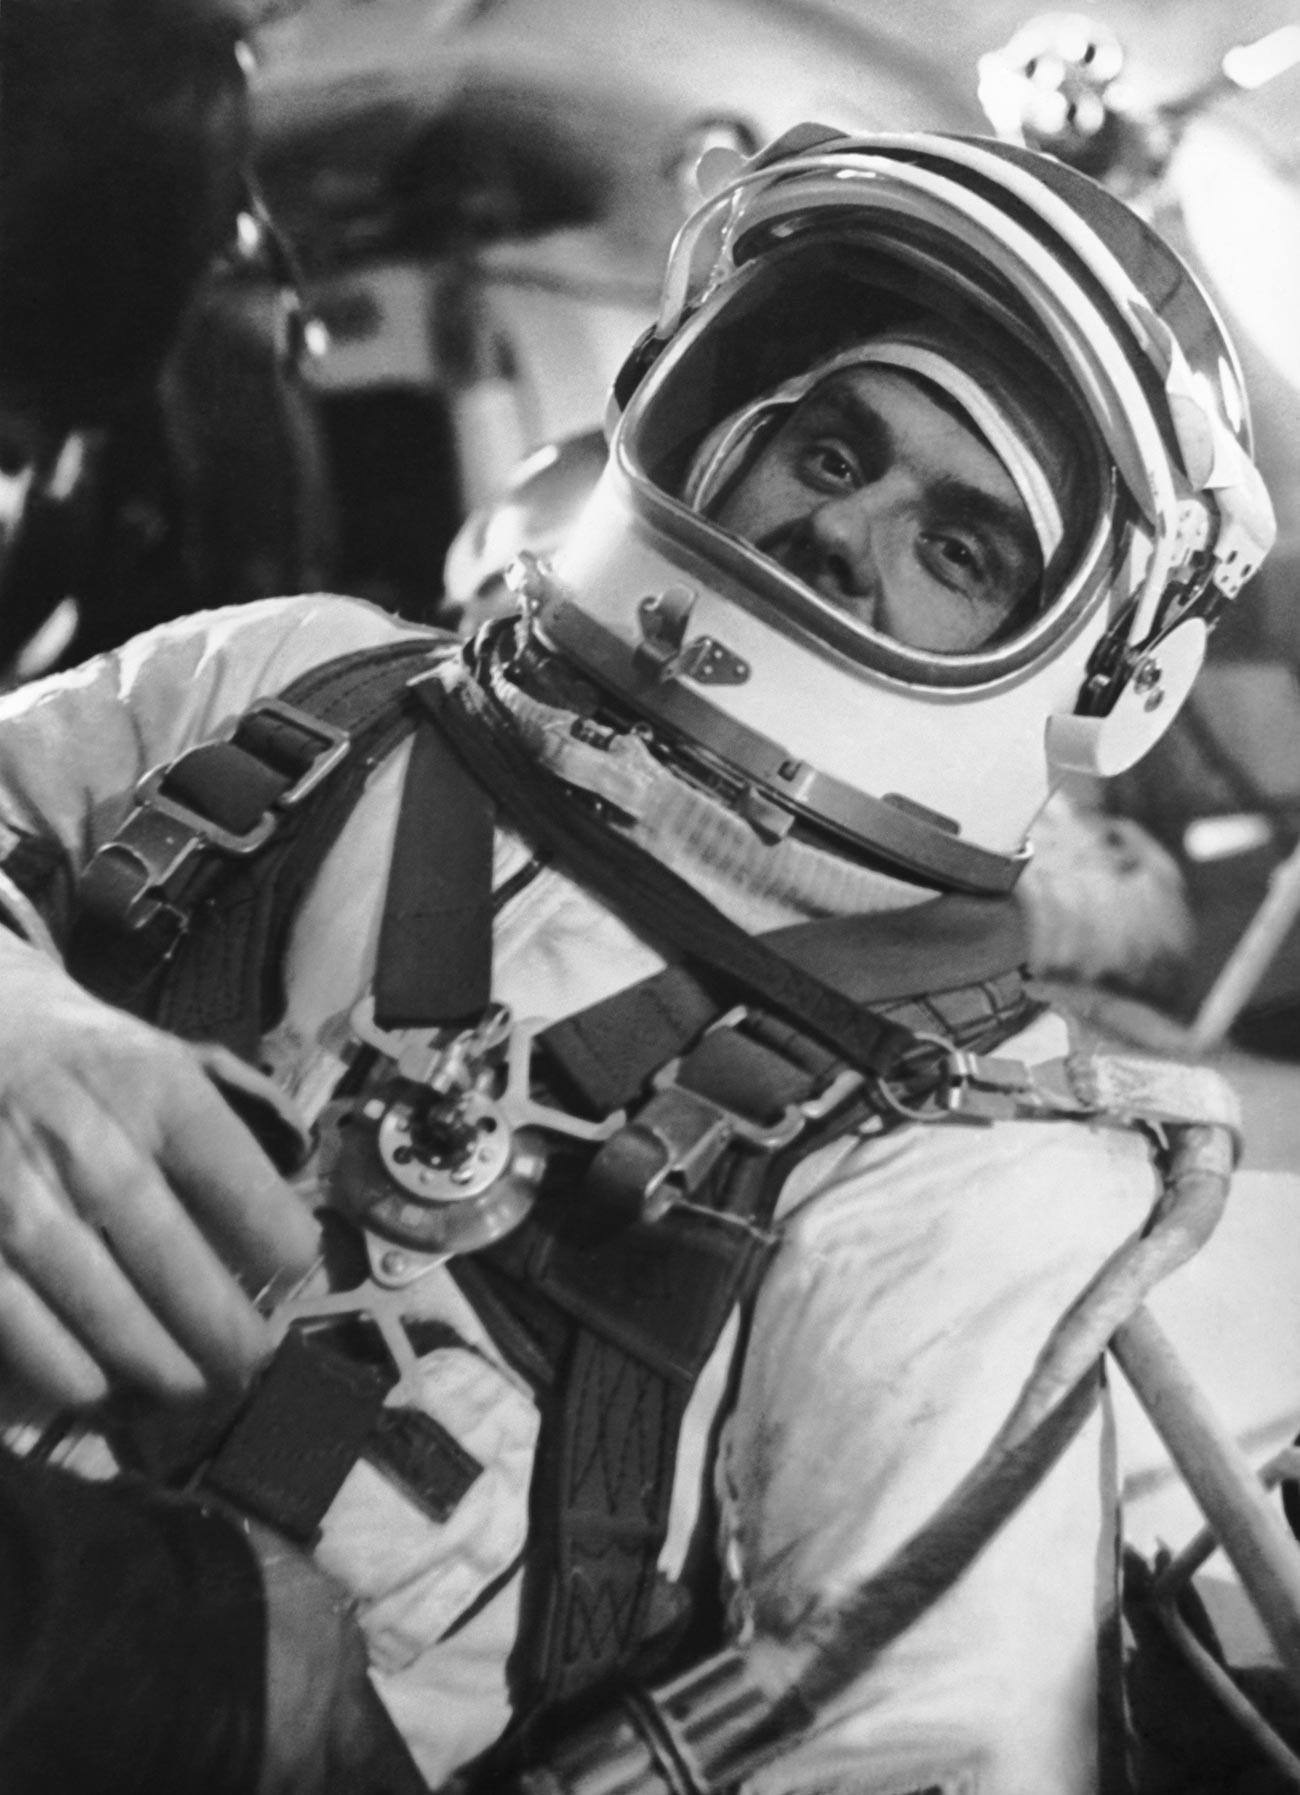 Vladimir Komarov pronto per il lancio